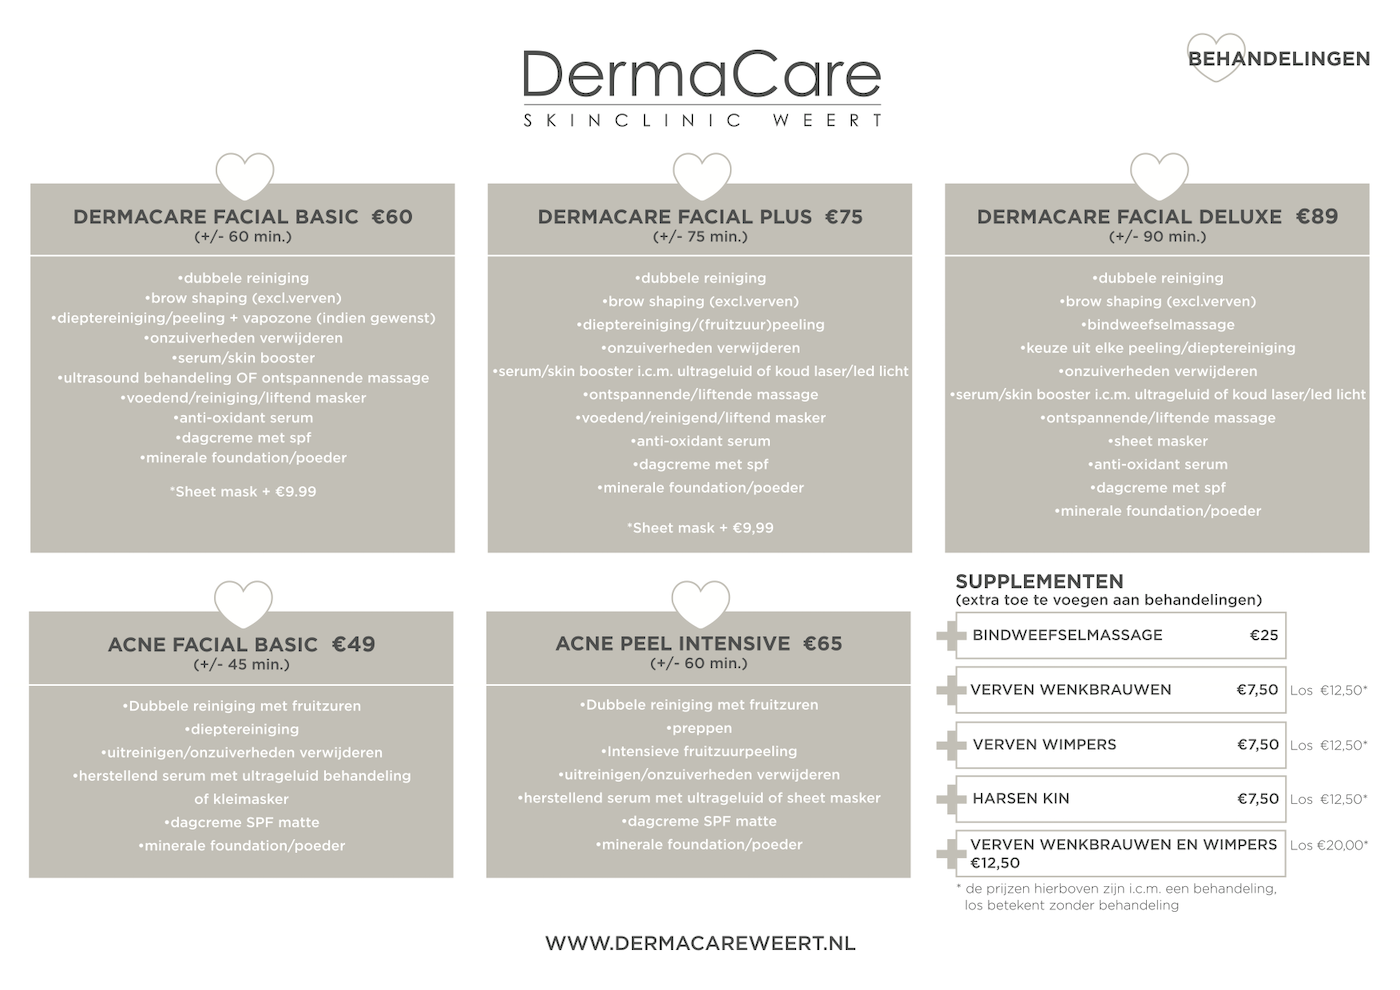 Tarieven DermaCare Skinclinic Weert